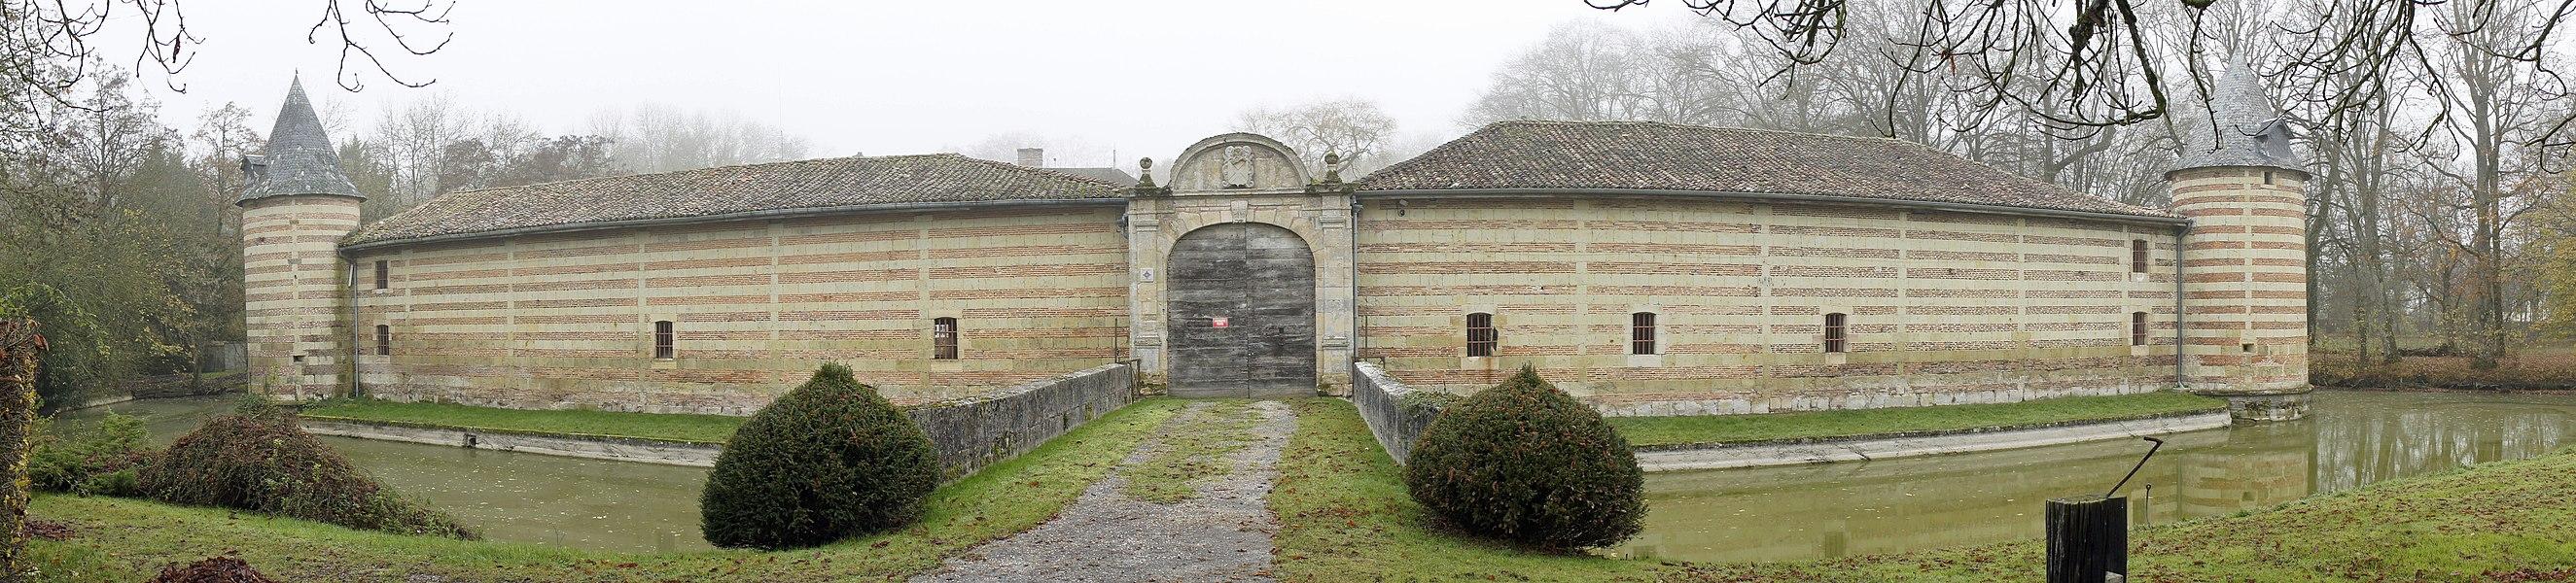 La porte d'entrée , les douves et le mur d'enceinte du Chateau Braux ste Cohière.